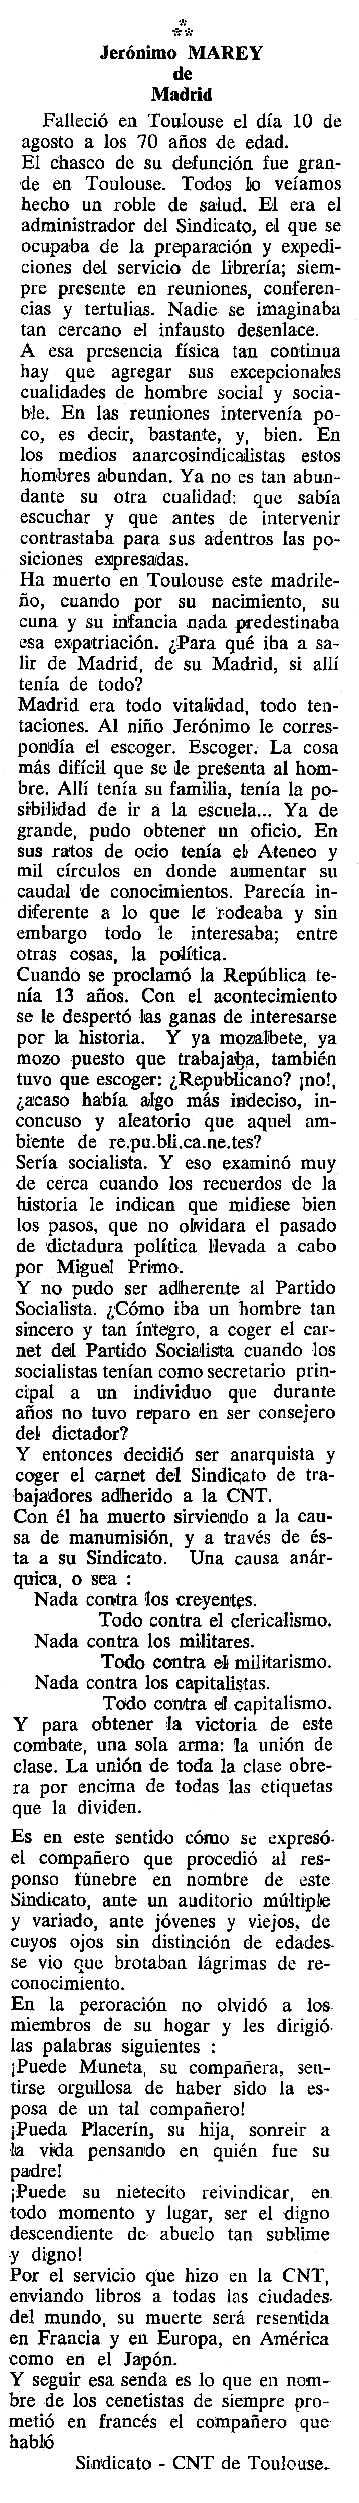 """Necrològica de Jerónimo Marey Jodra apareguda en el periòdic tolosà """"Cenit"""" del 15 de novembre de 1988"""